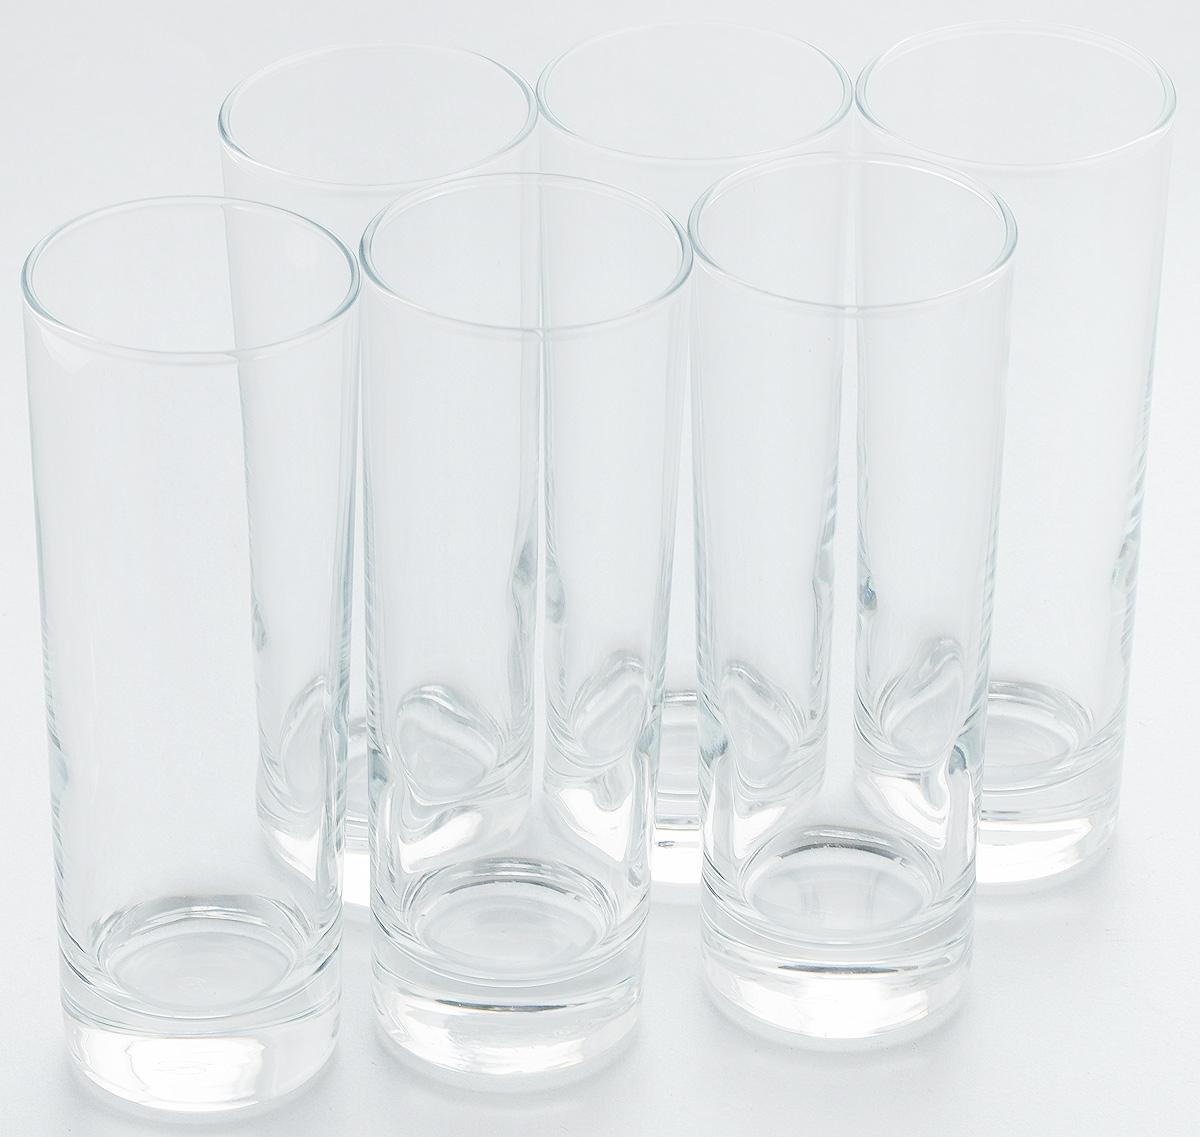 Набор стаканов Pasabahce Side, 290 мл, 6 шт. 42469B050101096Набор Pasabahce состоит из шести стаканов, выполненных из натрий-кальций-силикатного стекла. Изделия предназначены для подачи сока, воды, компота и другихнапитков. Такие стаканы станут идеальным украшением праздничного стола и отличным подарком к любомупразднику.Высота стакана: 17 см.